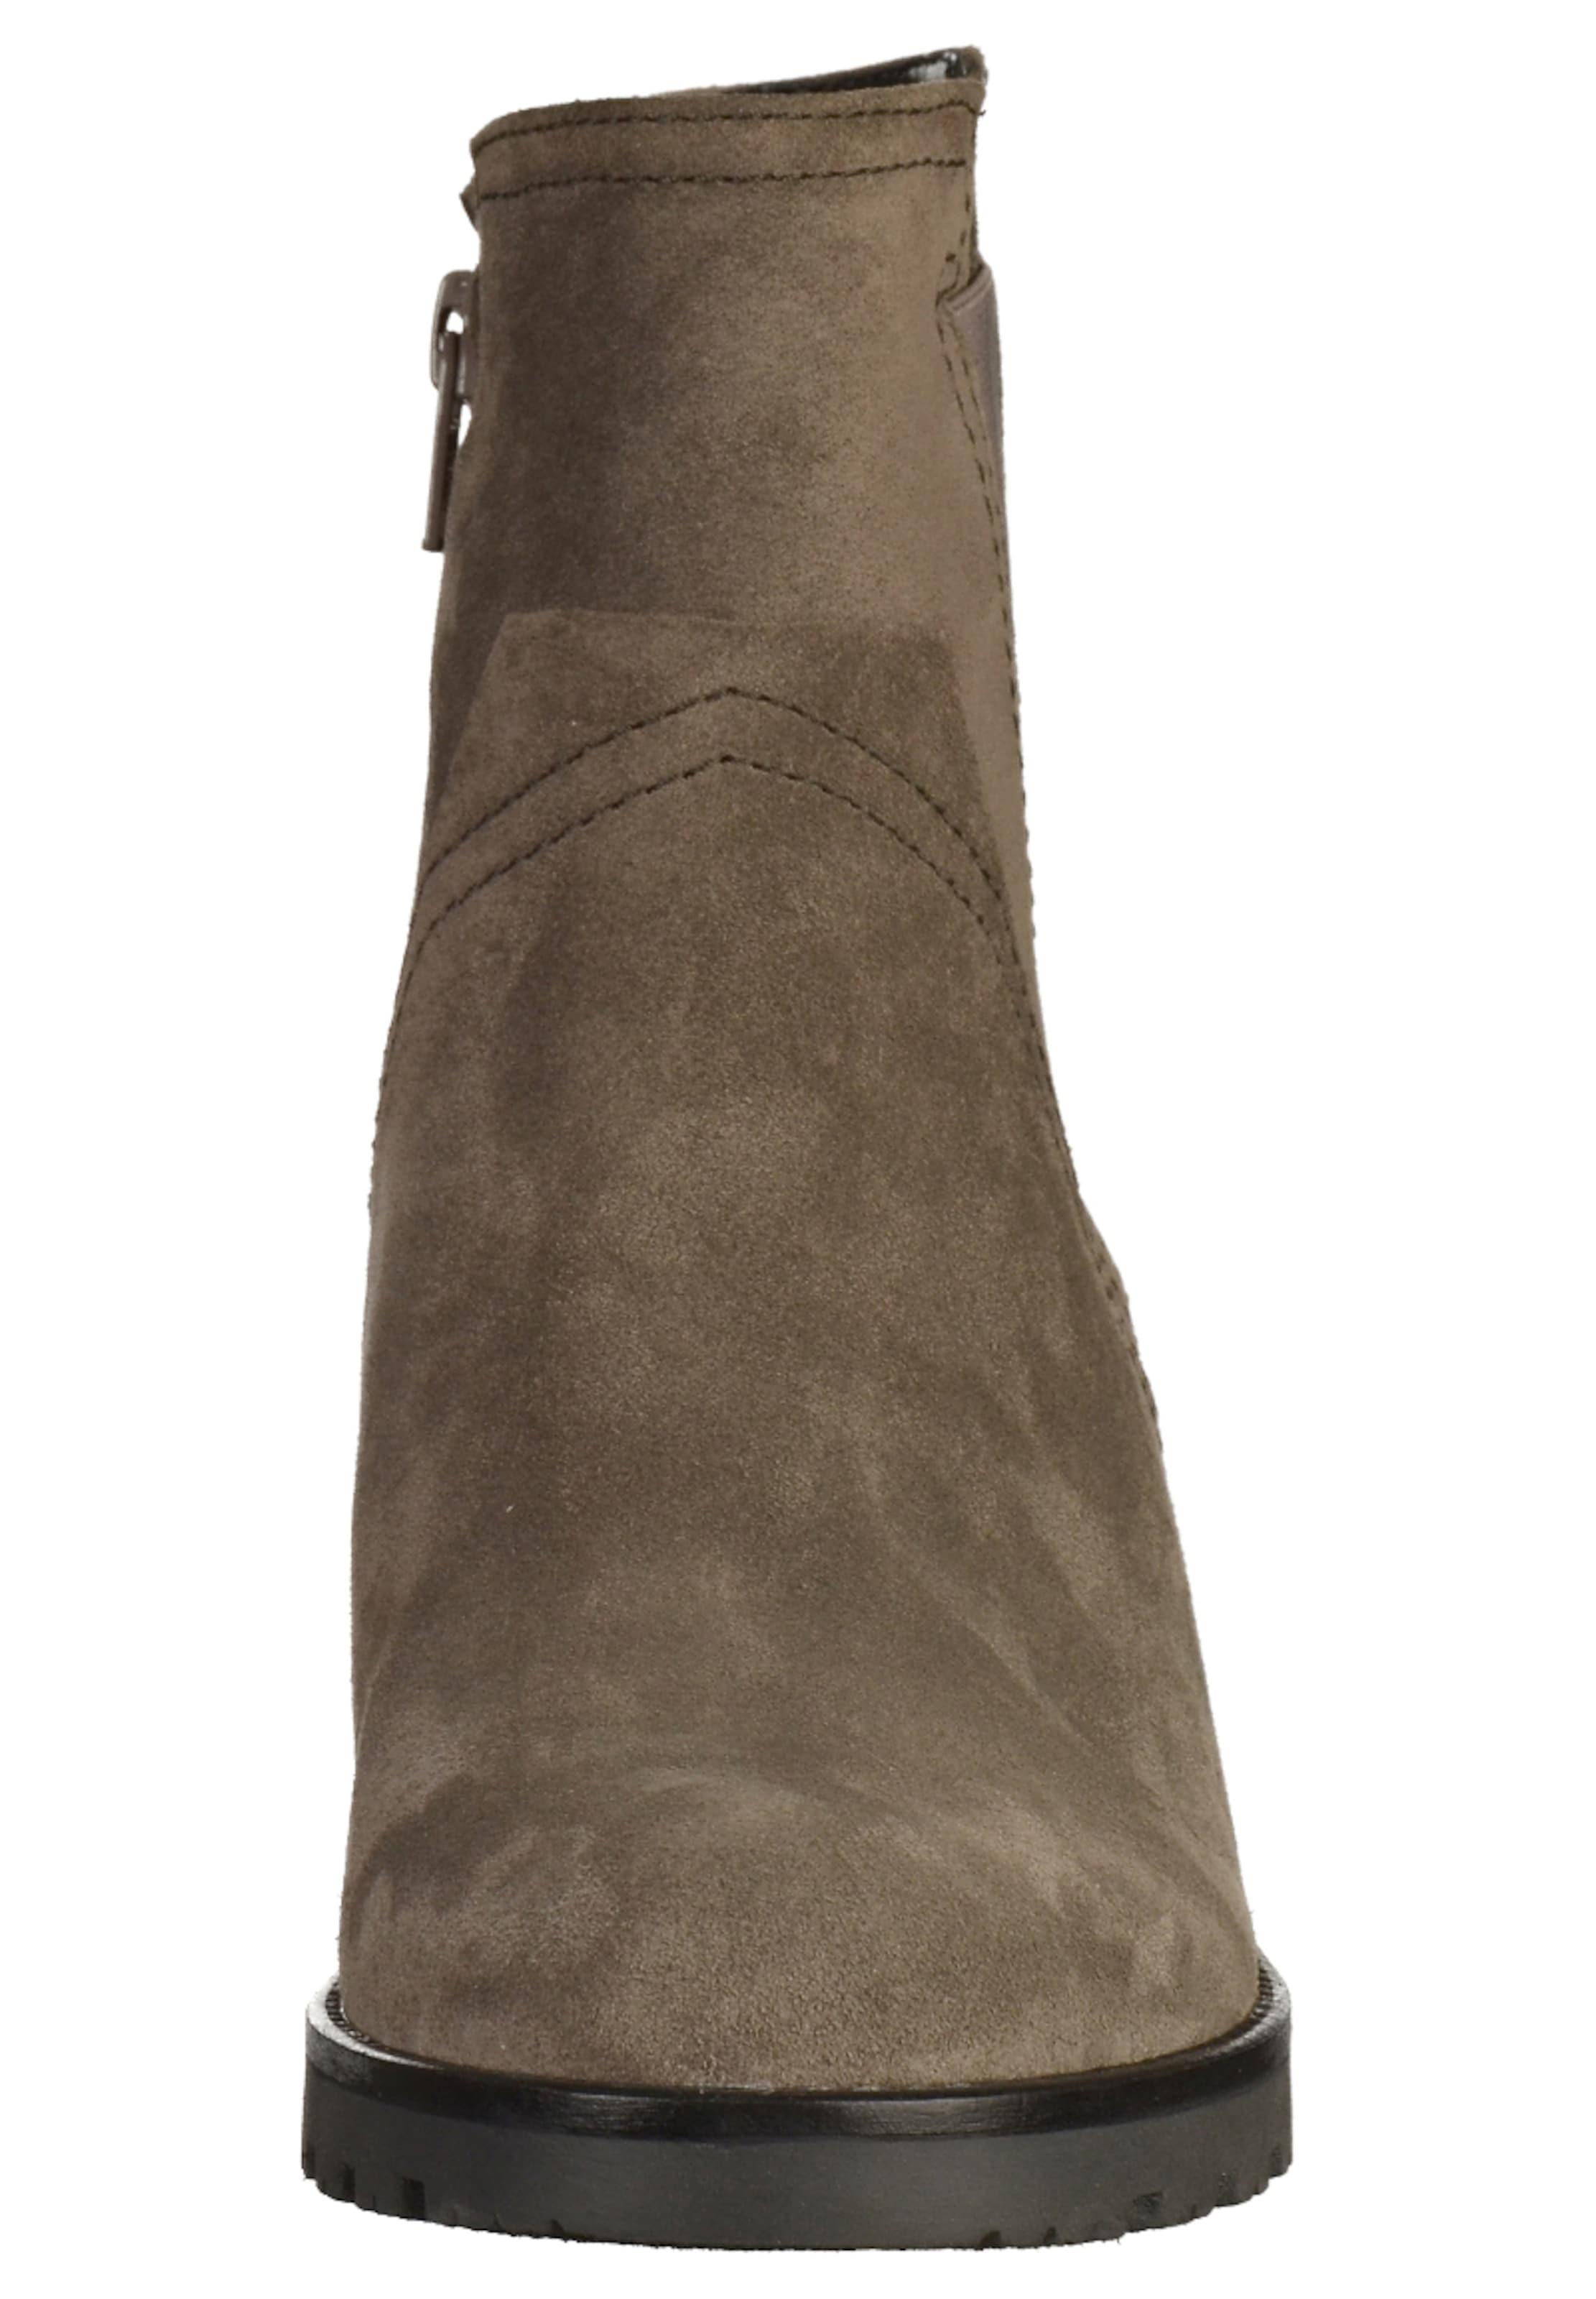 GABOR Stiefelette Stiefelette Stiefelette Leder Billige Herren- und Damenschuhe 388f00